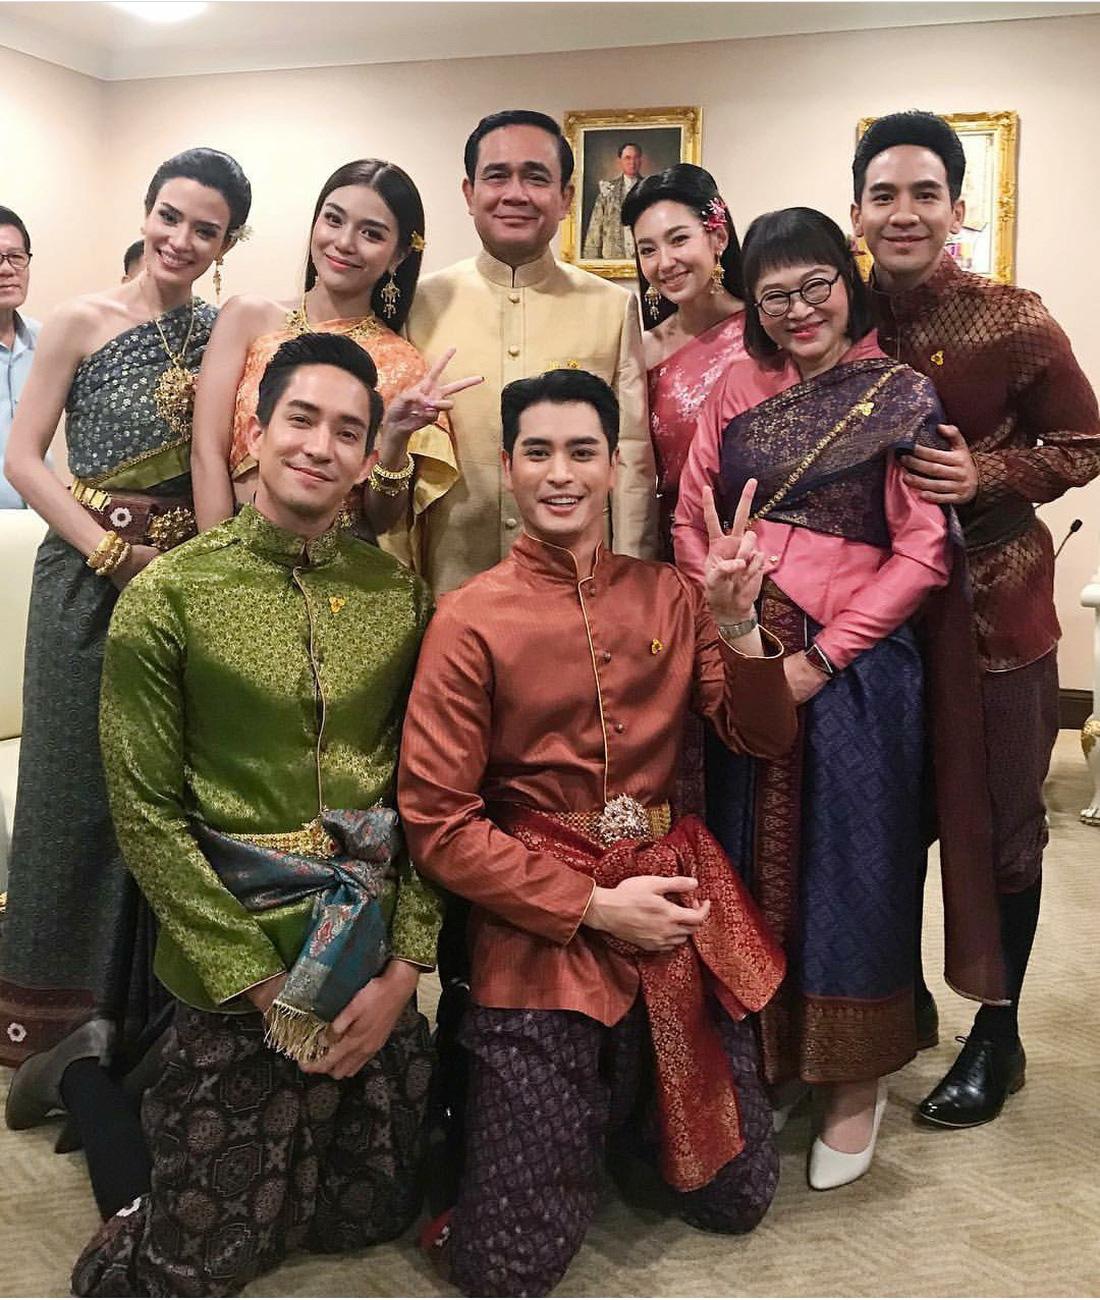 Nhân duyên tiền định và lý do Thủ tướng Thái phải gặp đoàn phim - Ảnh 2.